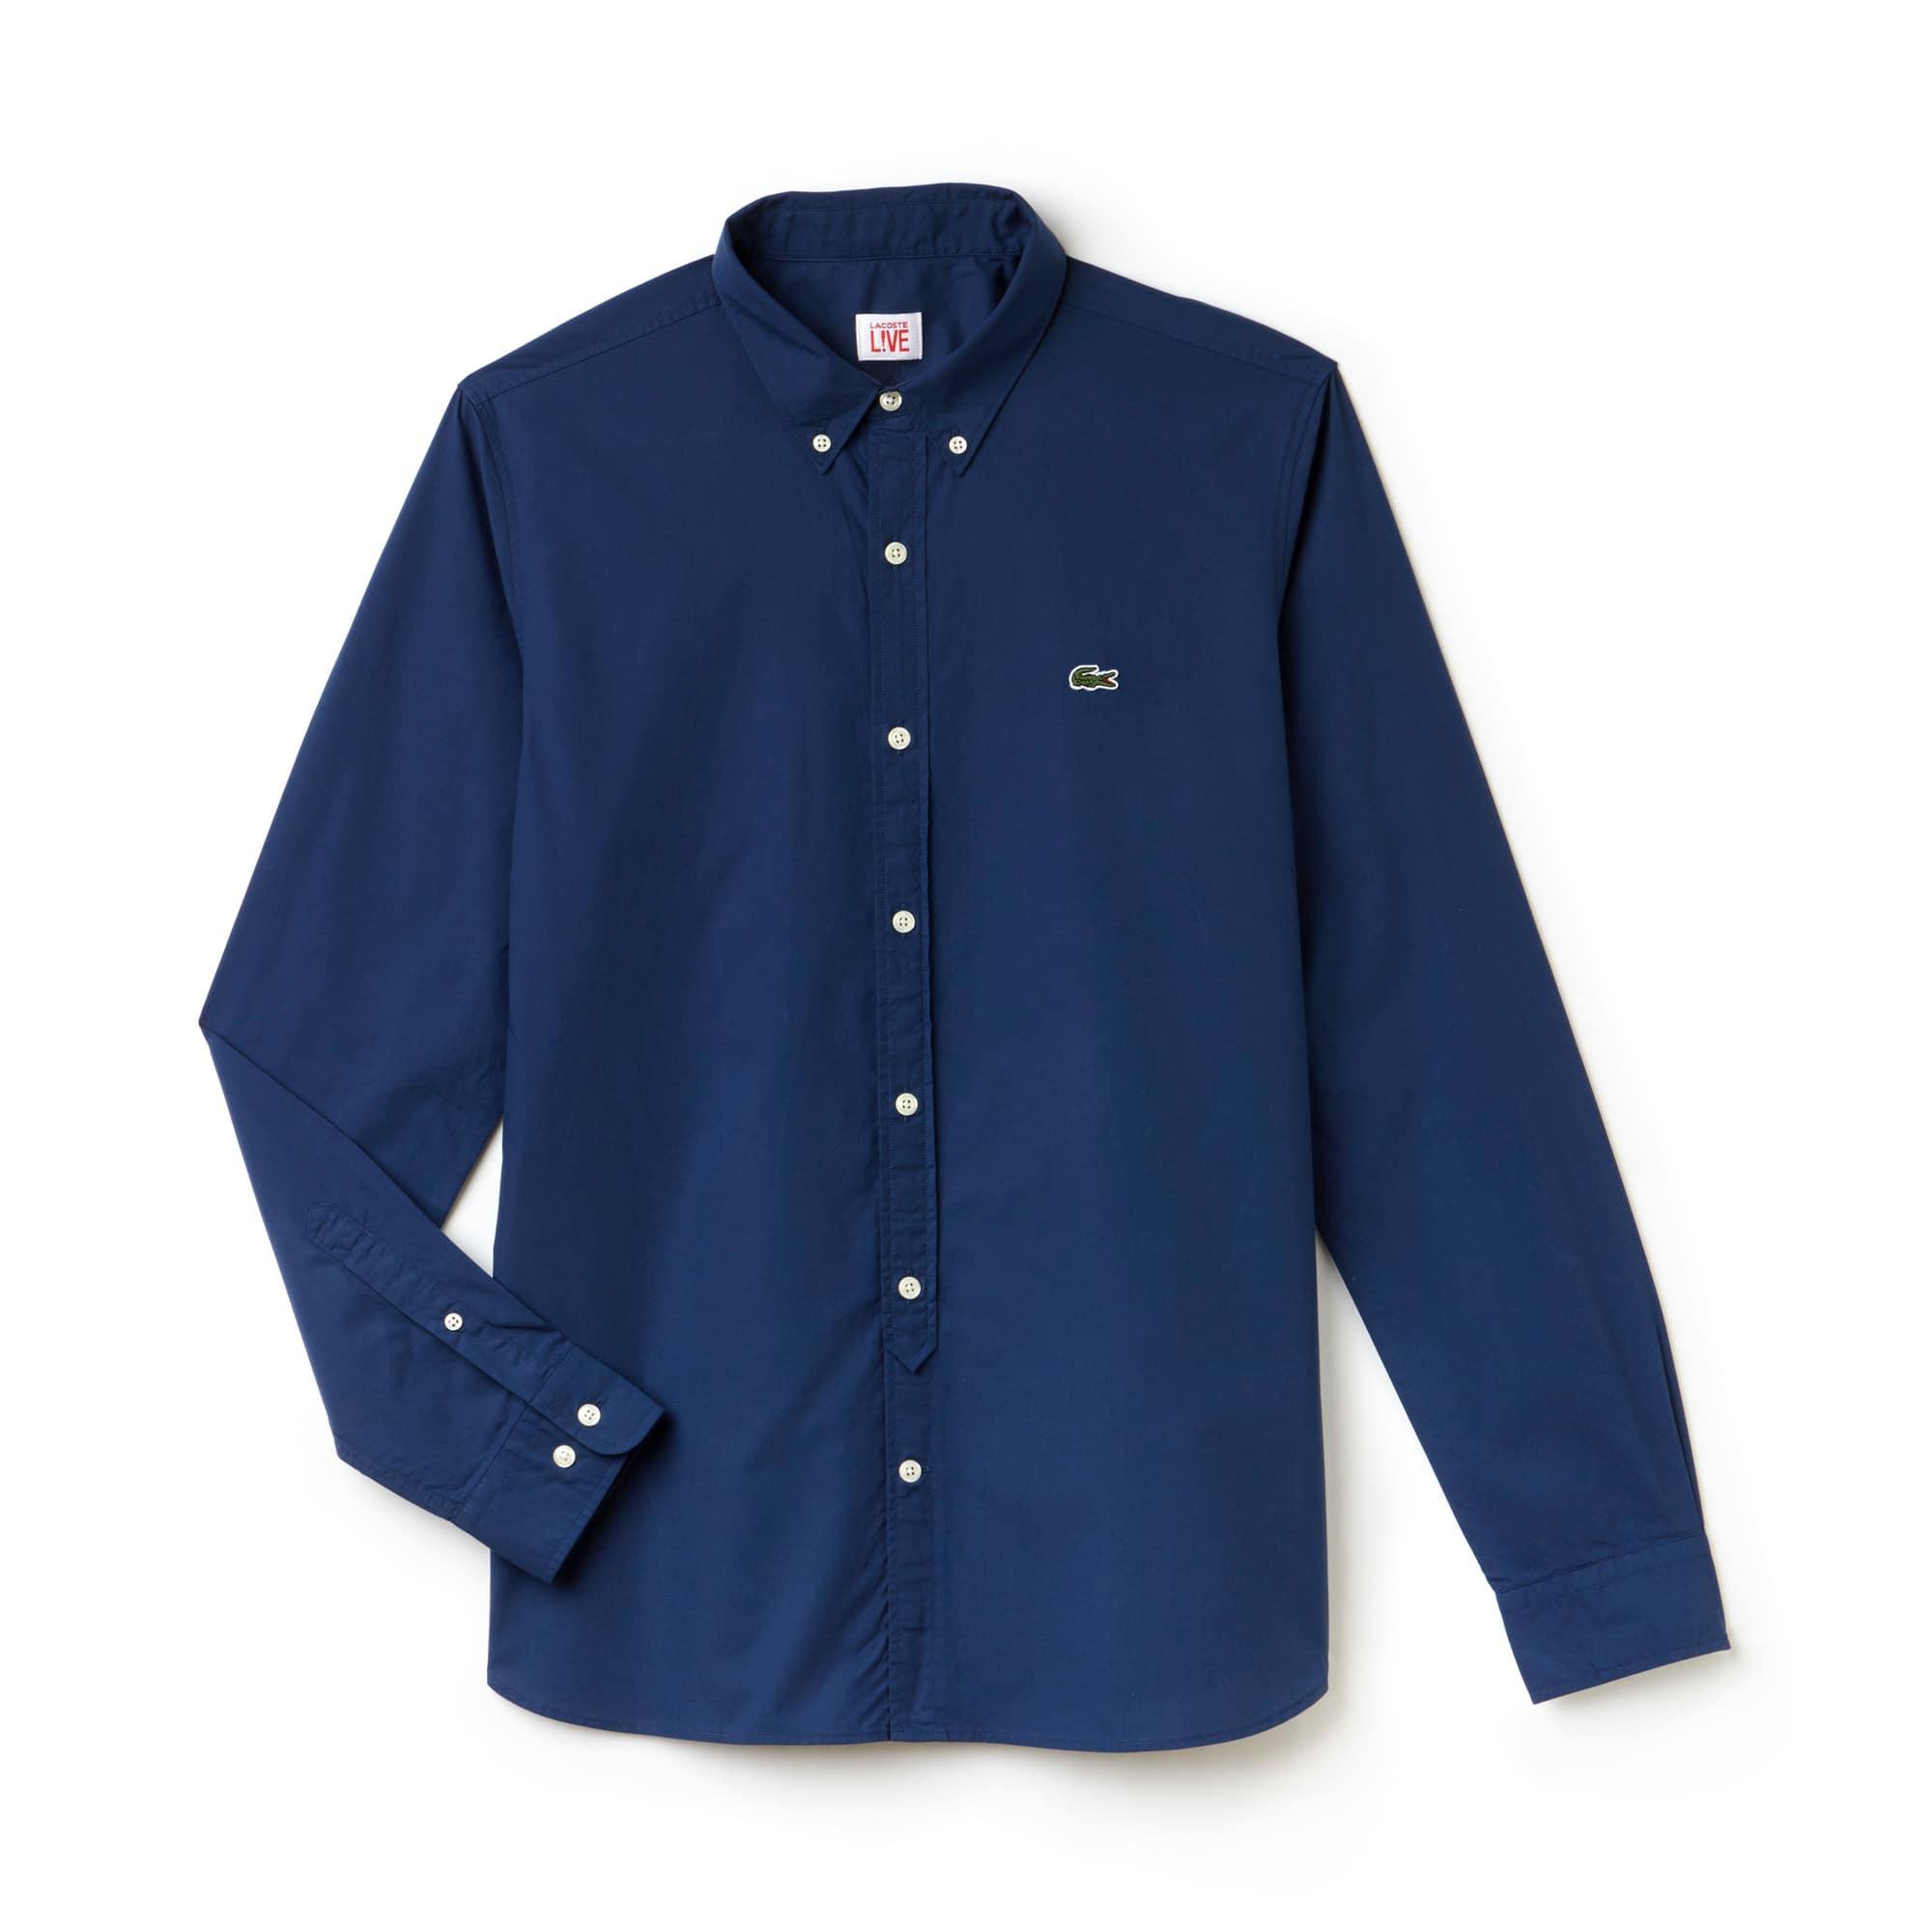 Camisa slim fit Lacoste LIVE em popelina de algodão unicolor